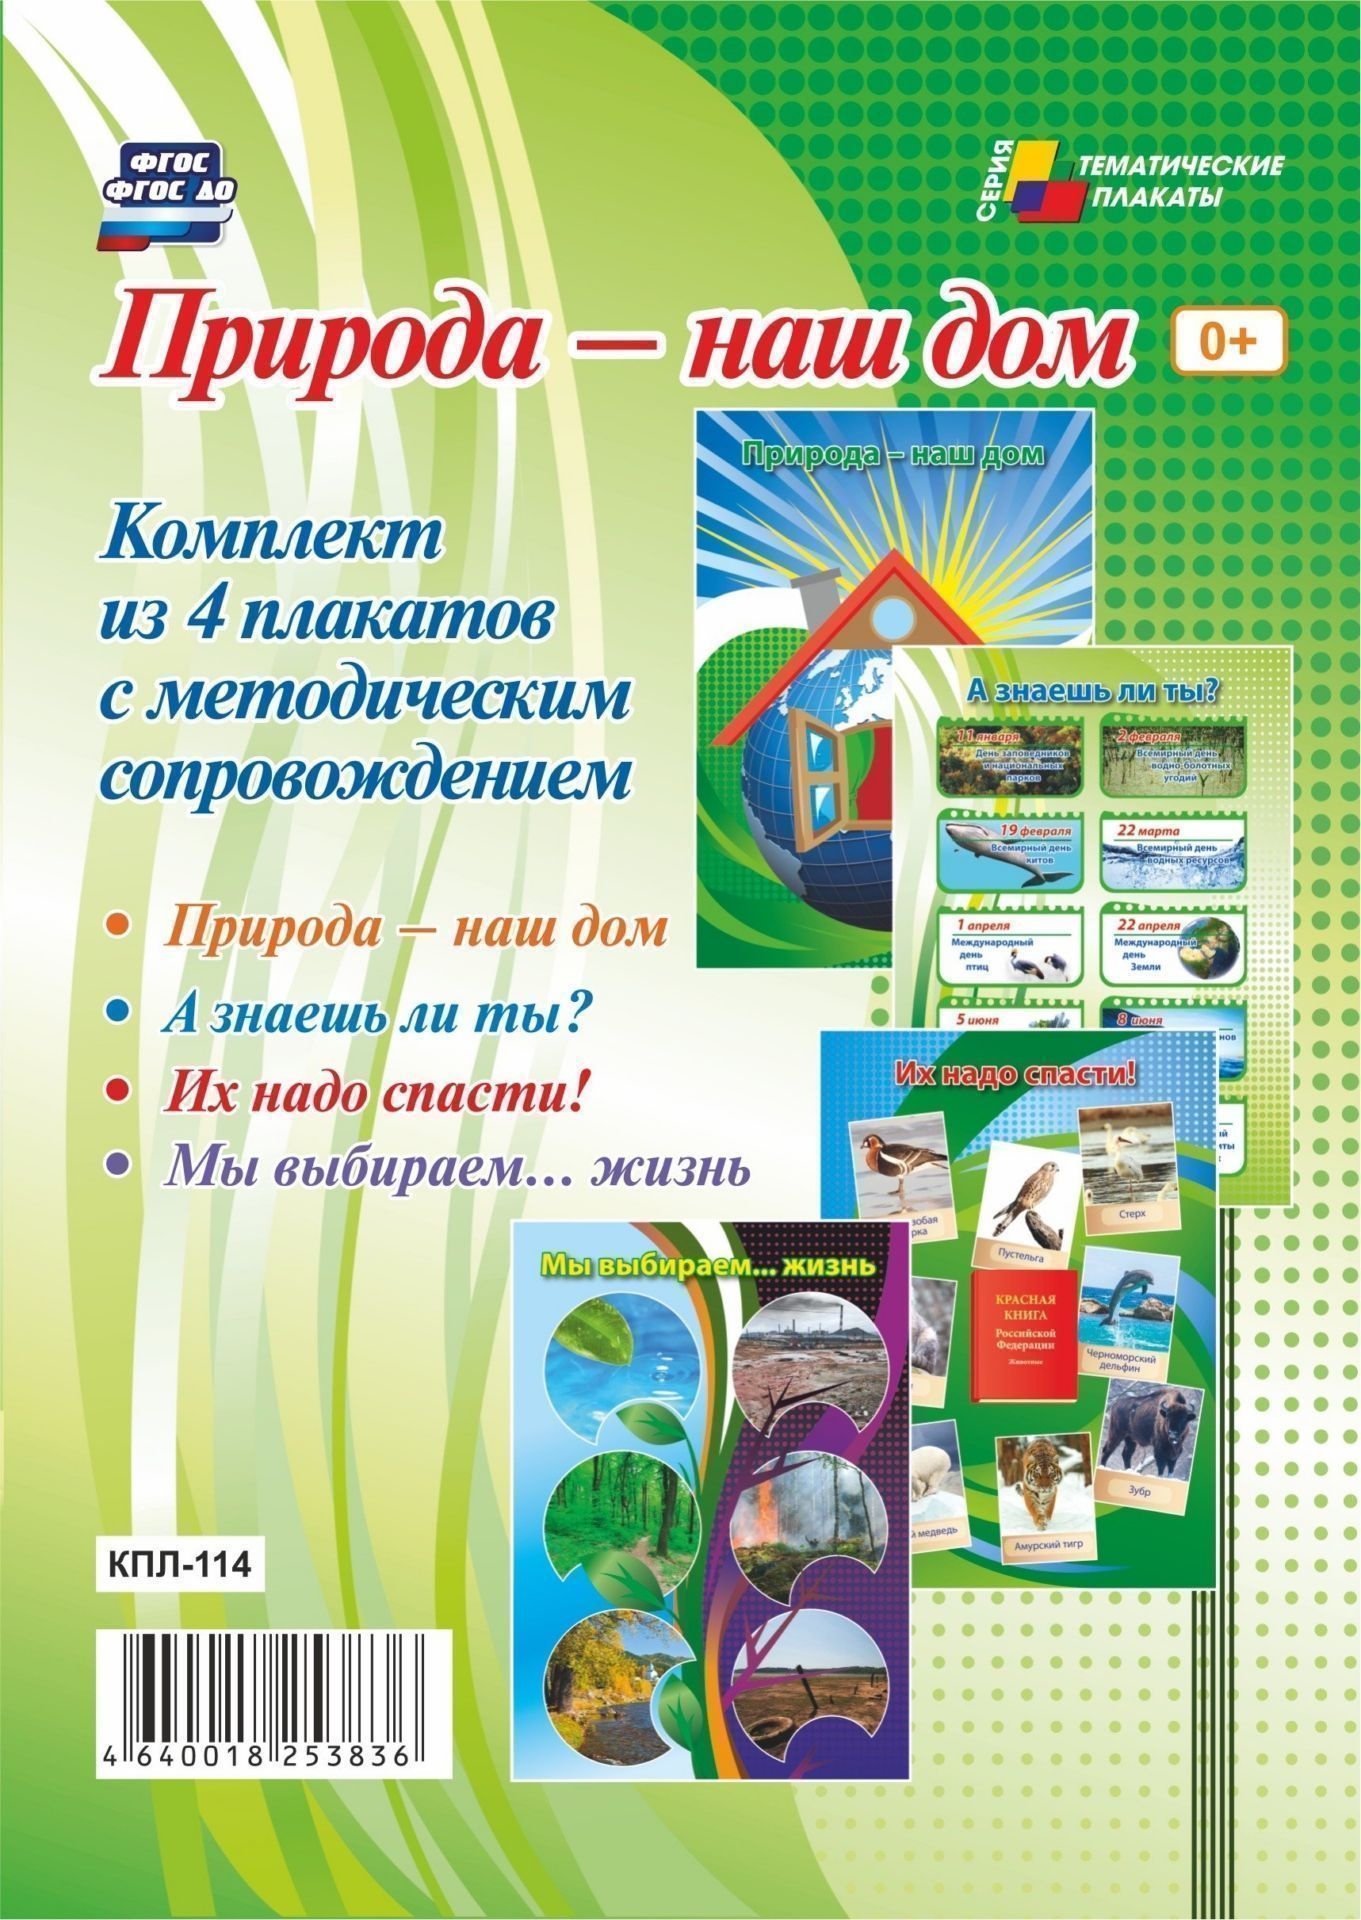 Комплект плакатов Природа - наш дом: 4 плаката с методическим сопровождениемИнформационно-деловое оснащение ДОО<br>.<br><br>Год: 2018<br>Серия: Тематические плакаты<br>Высота: 297<br>Ширина: 420<br>Толщина: 3